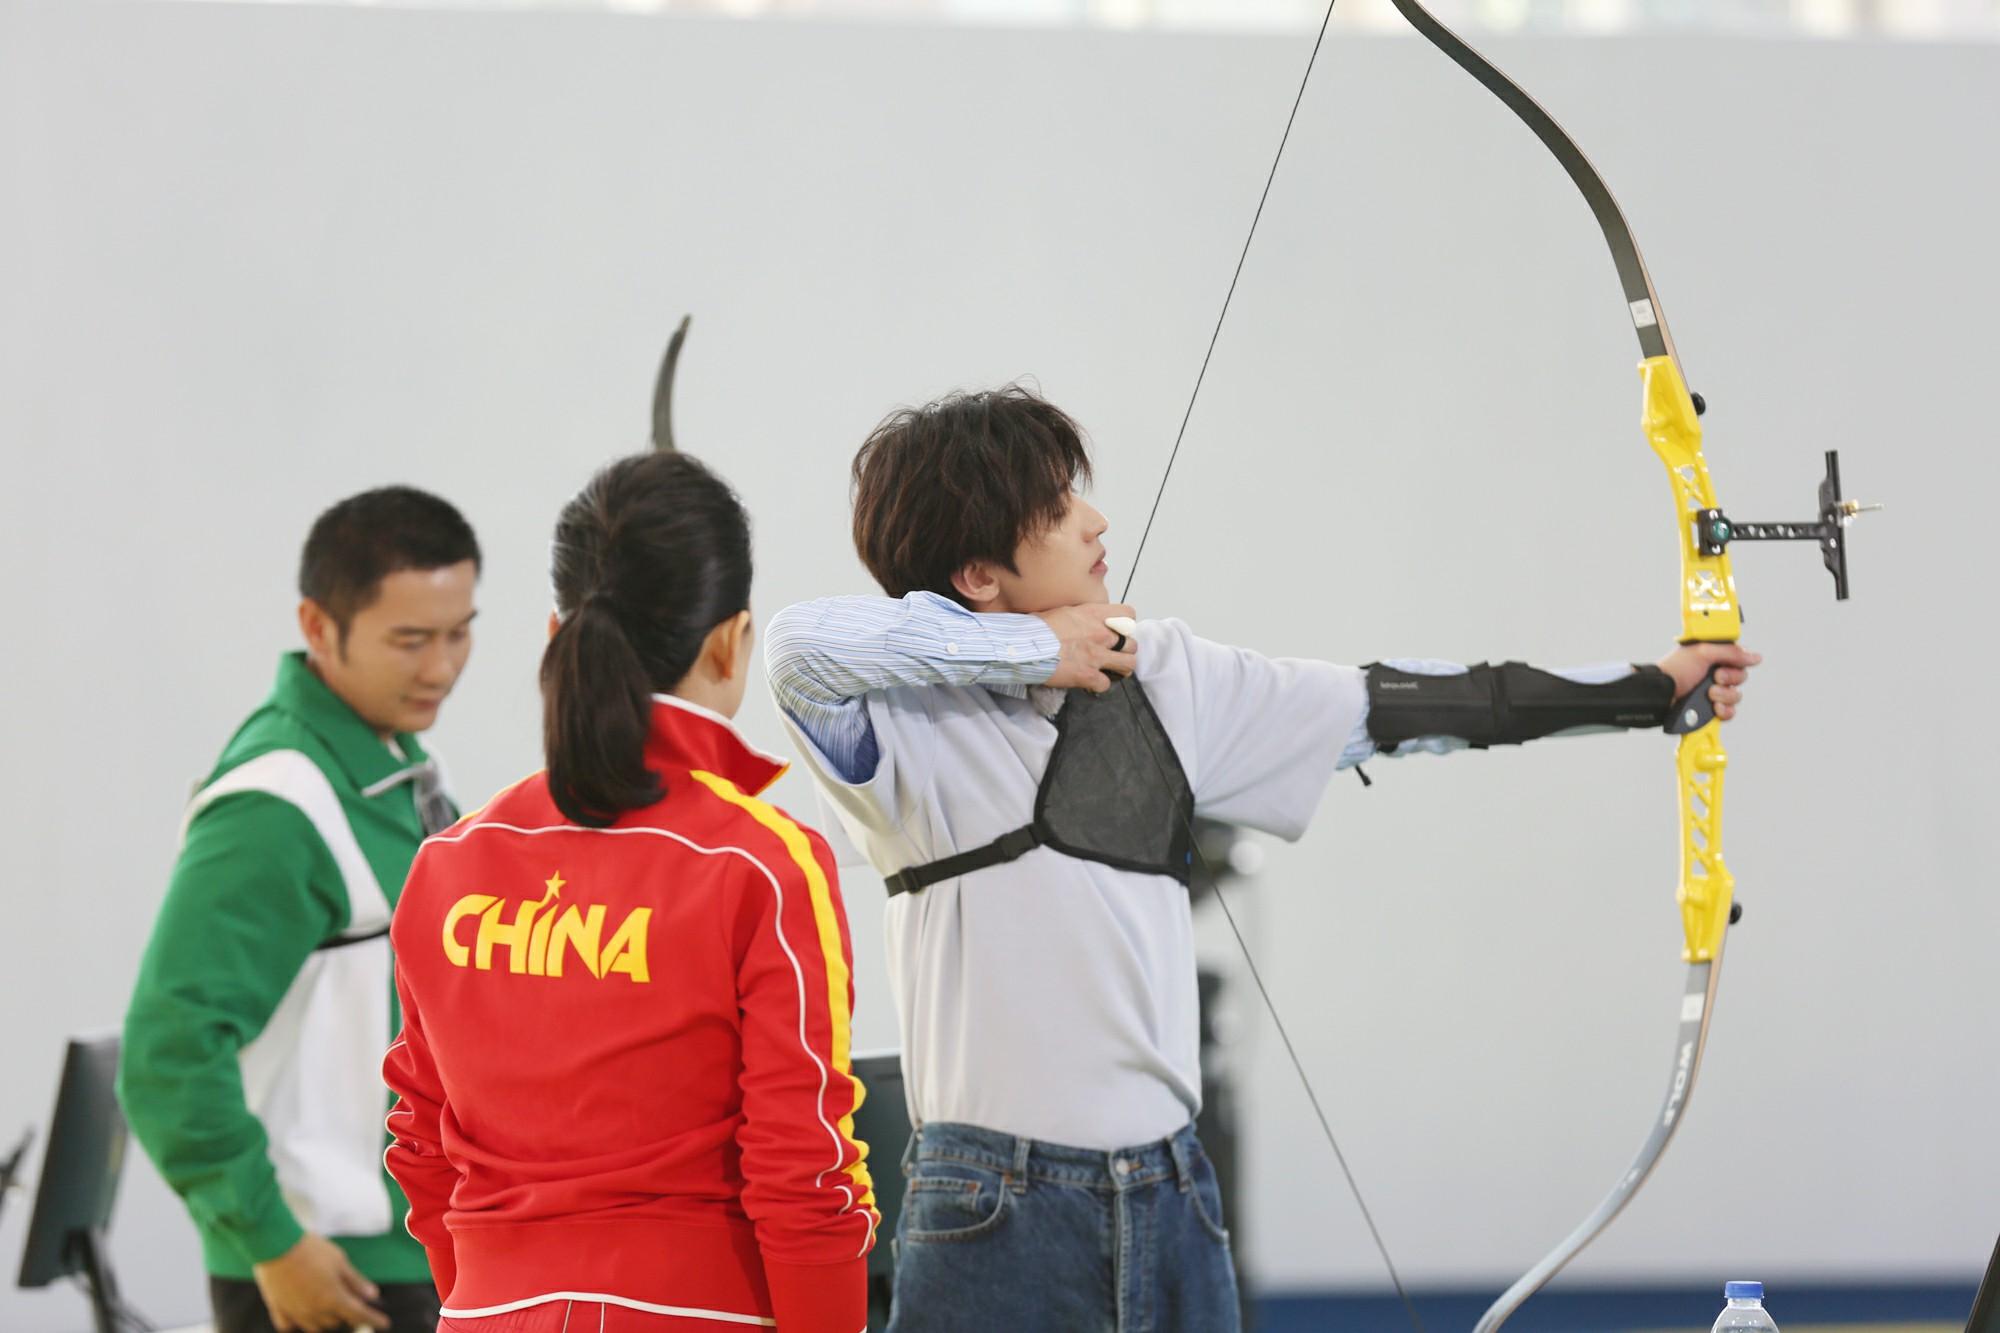 《奔跑吧·黃河篇》上演主編爭奪戰 蔡徐坤射箭引發全場高能